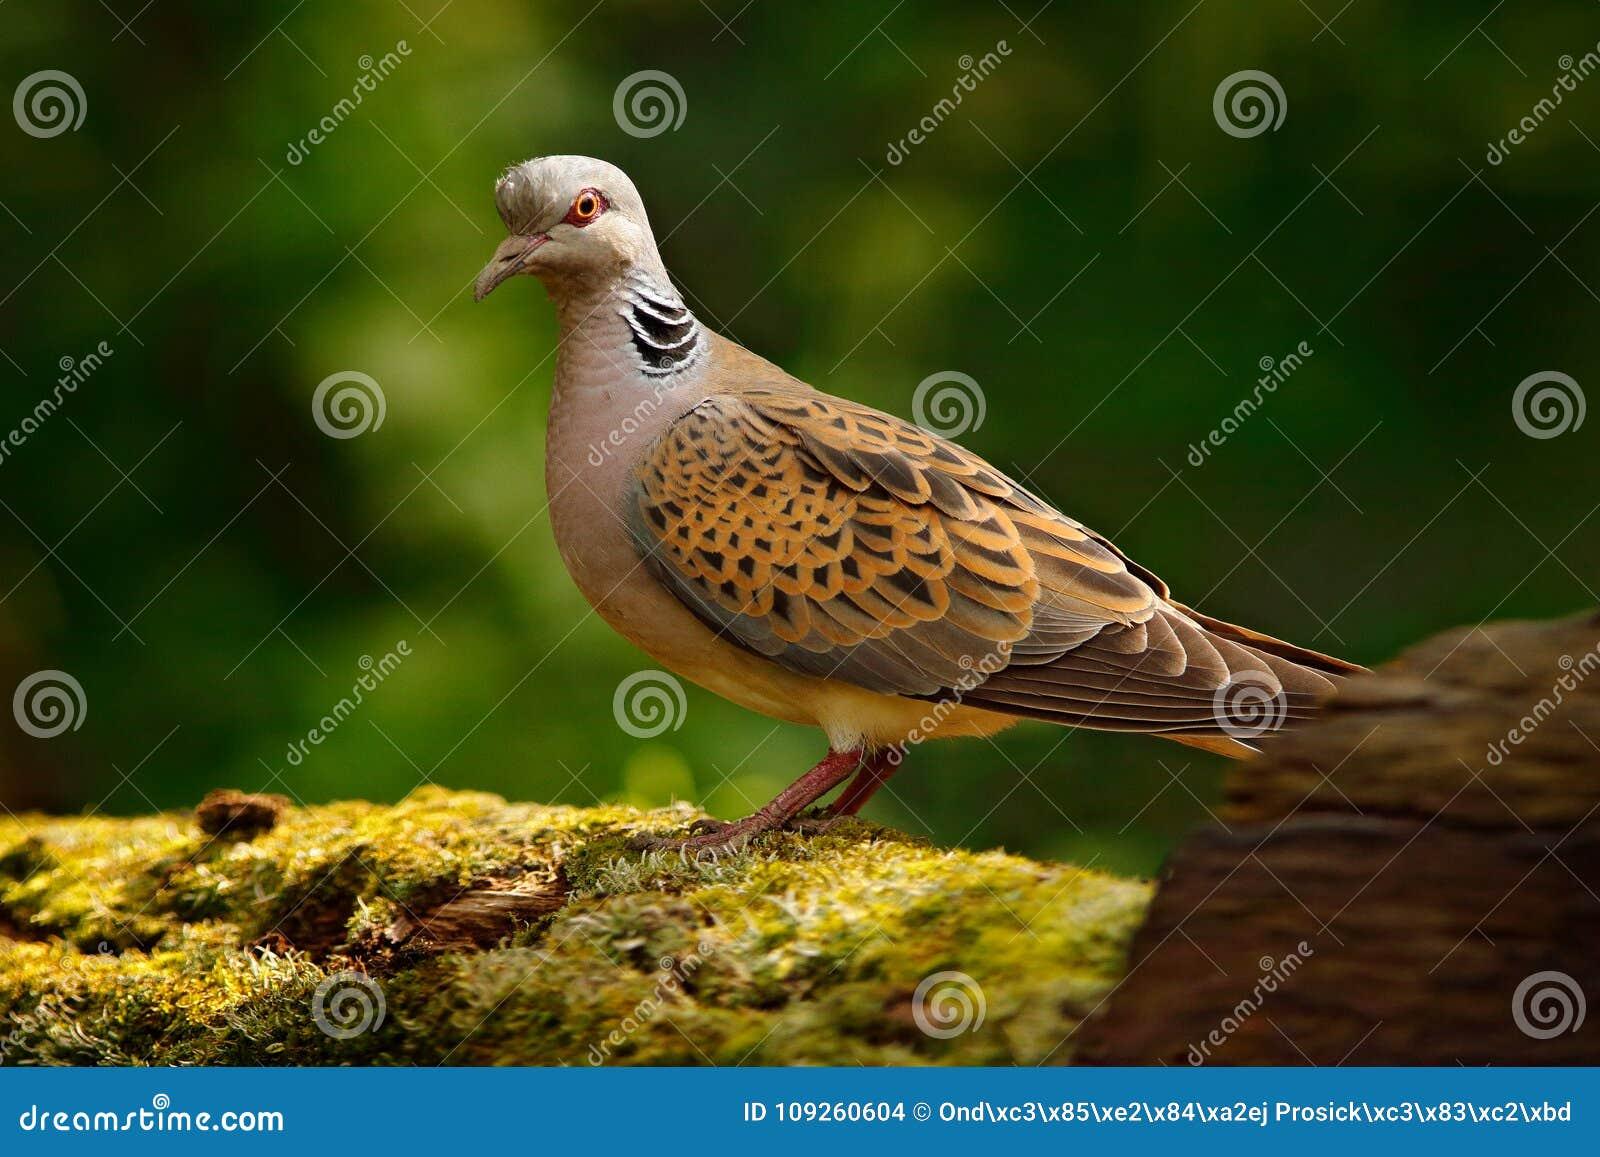 Turteltaube, Streptopelia turtur, Taubenwaldvogel im Naturlebensraum, grüner Hintergrund, Deutschland Szene der wild lebenden Tie